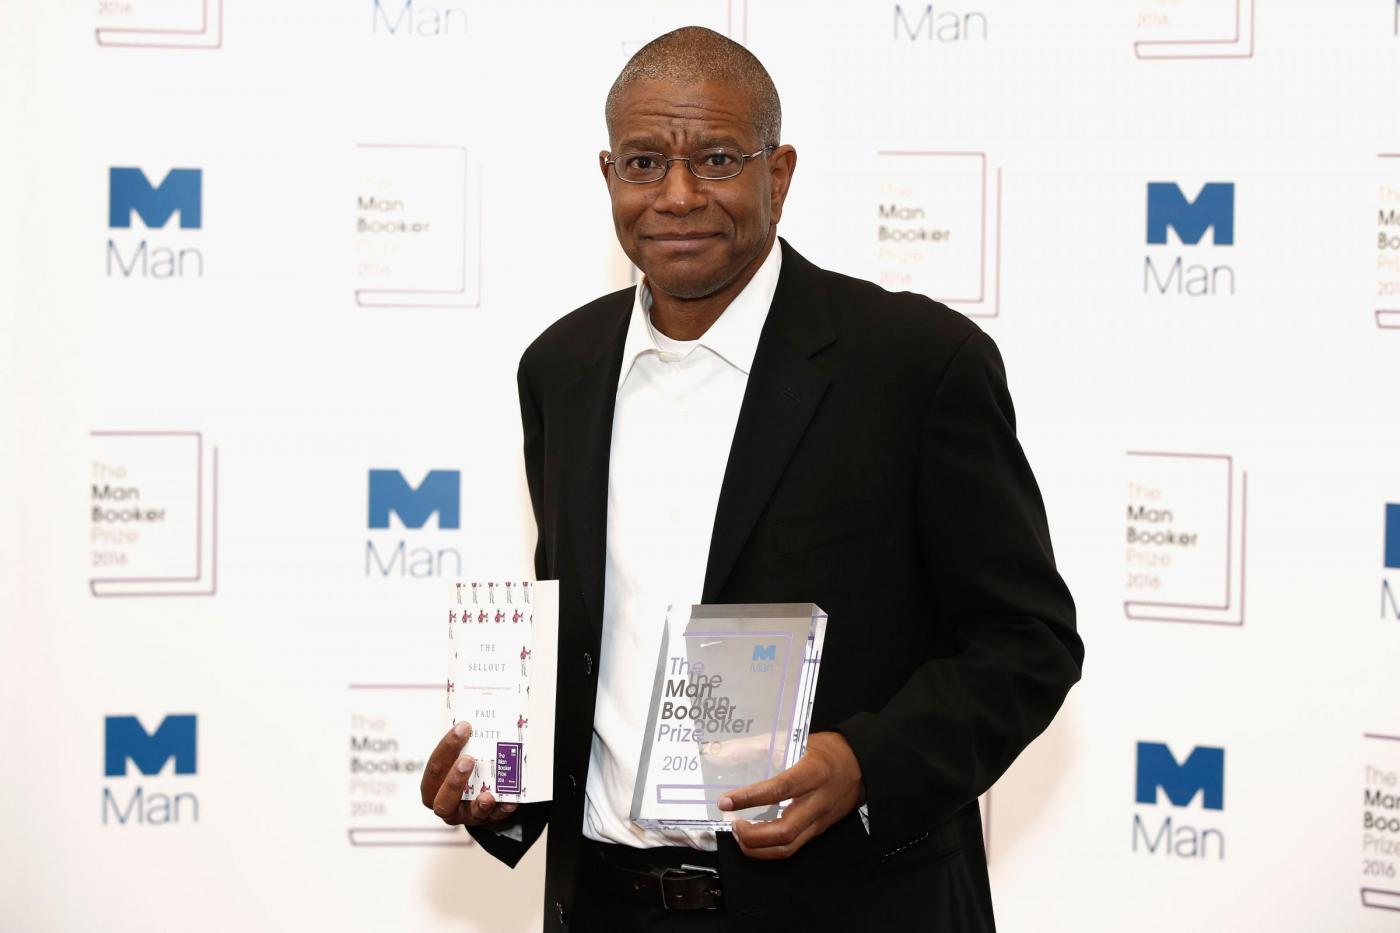 Man Booker Prize 2016, il vincitore è Paul Beatty con il romanzo 'Lo schiavista'